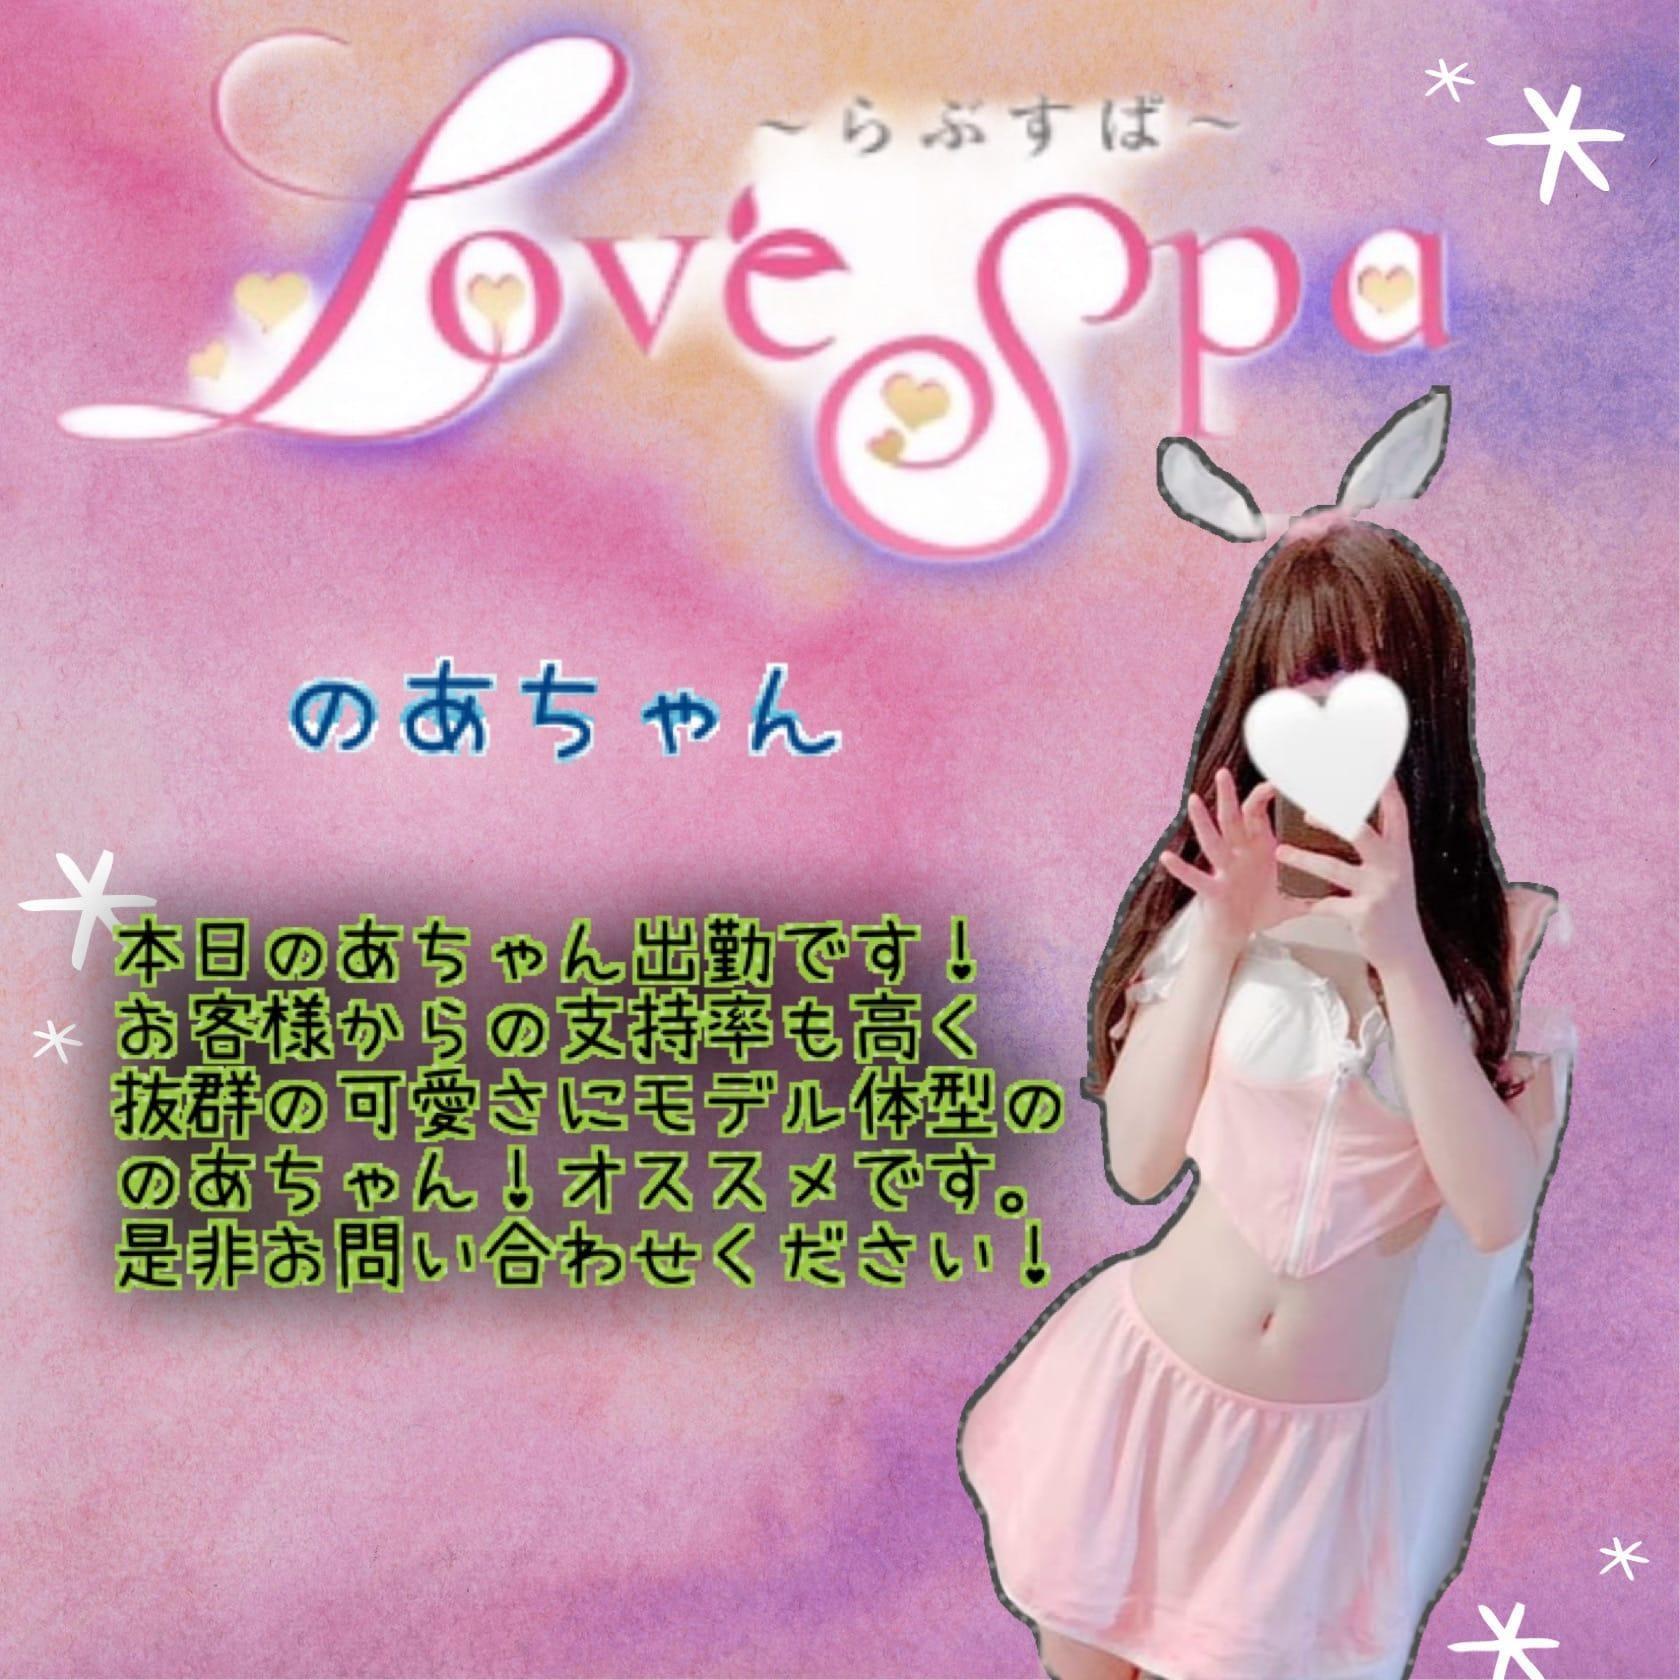 「本日のあちゃん21:00から」09/23(木) 19:57 | LoveSpa ~ラブスパ~の写メ日記